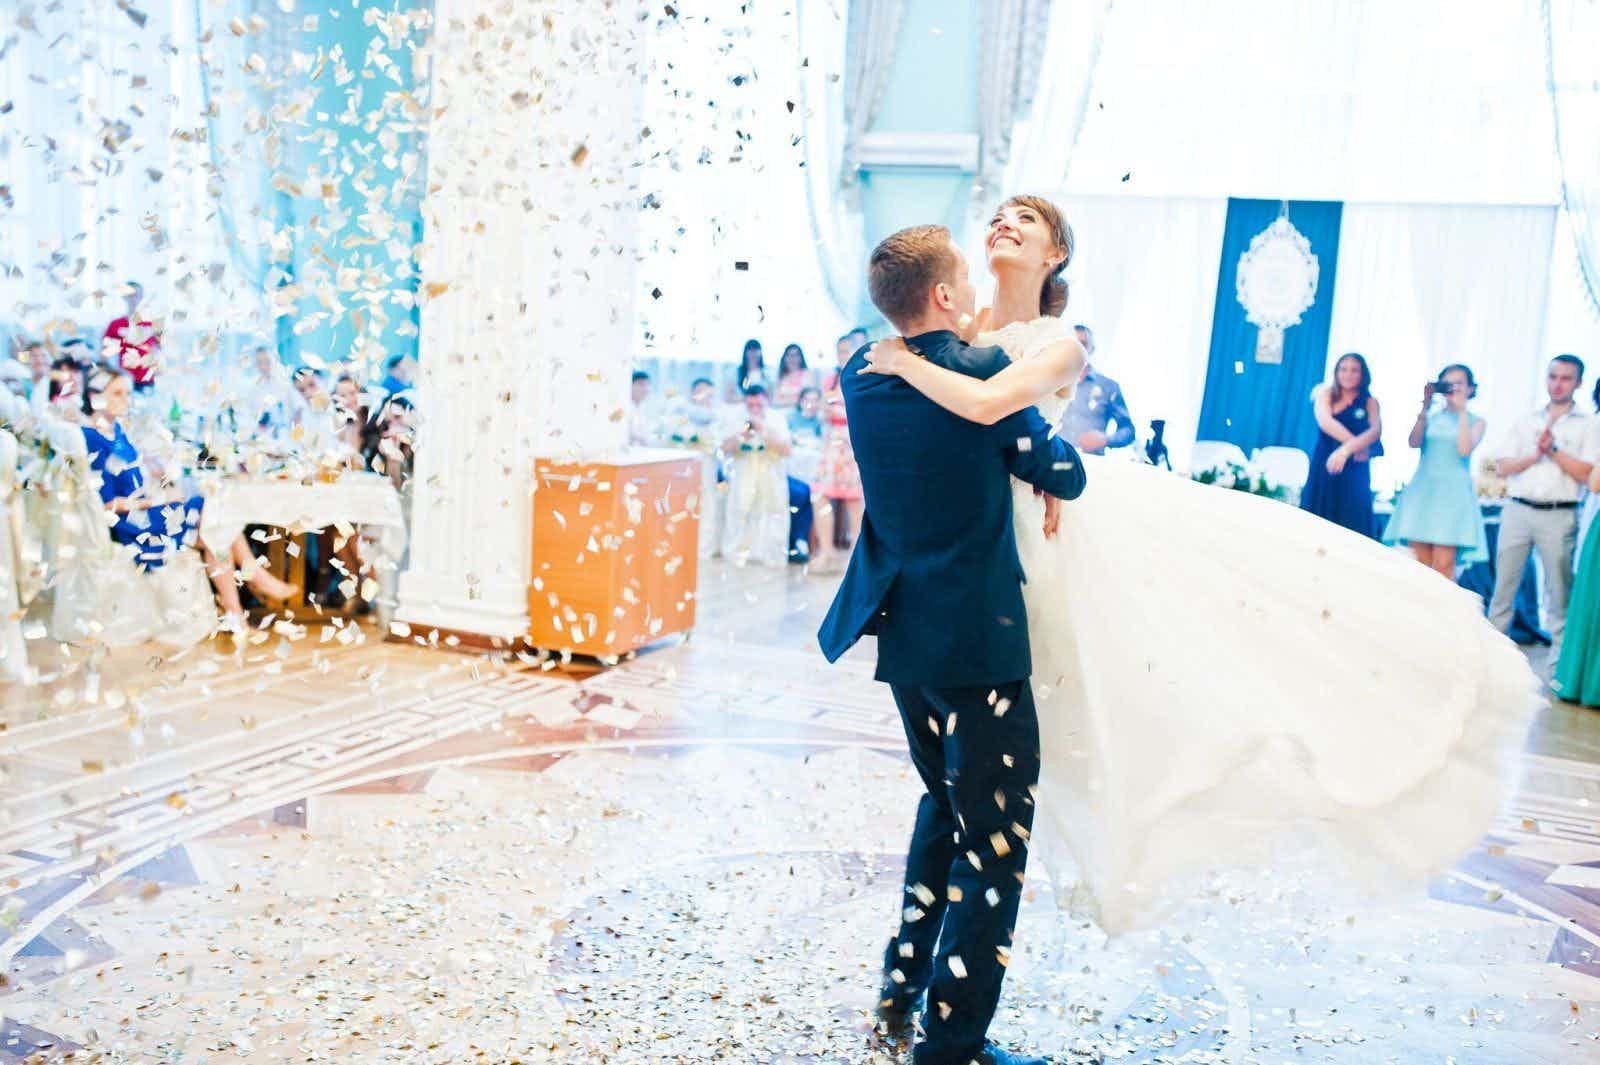 bruiloft DJ boeken inhuren.jpeg